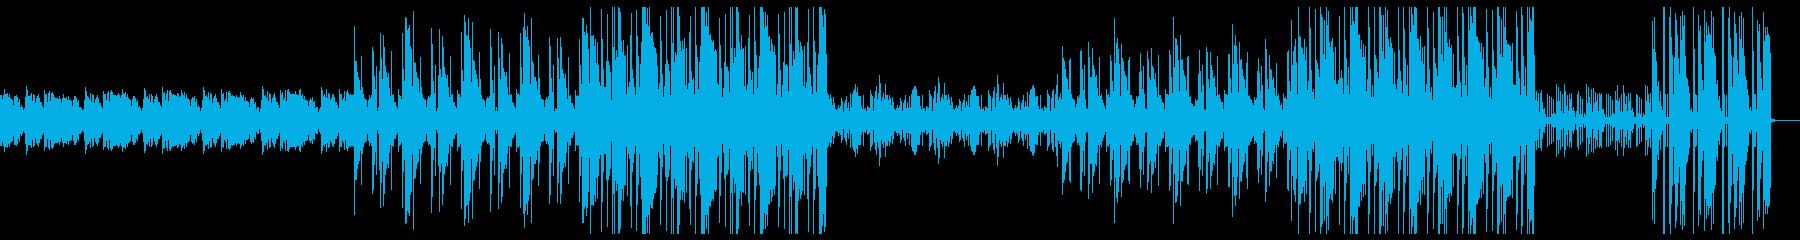 不思議 異国感 トラップビートの再生済みの波形